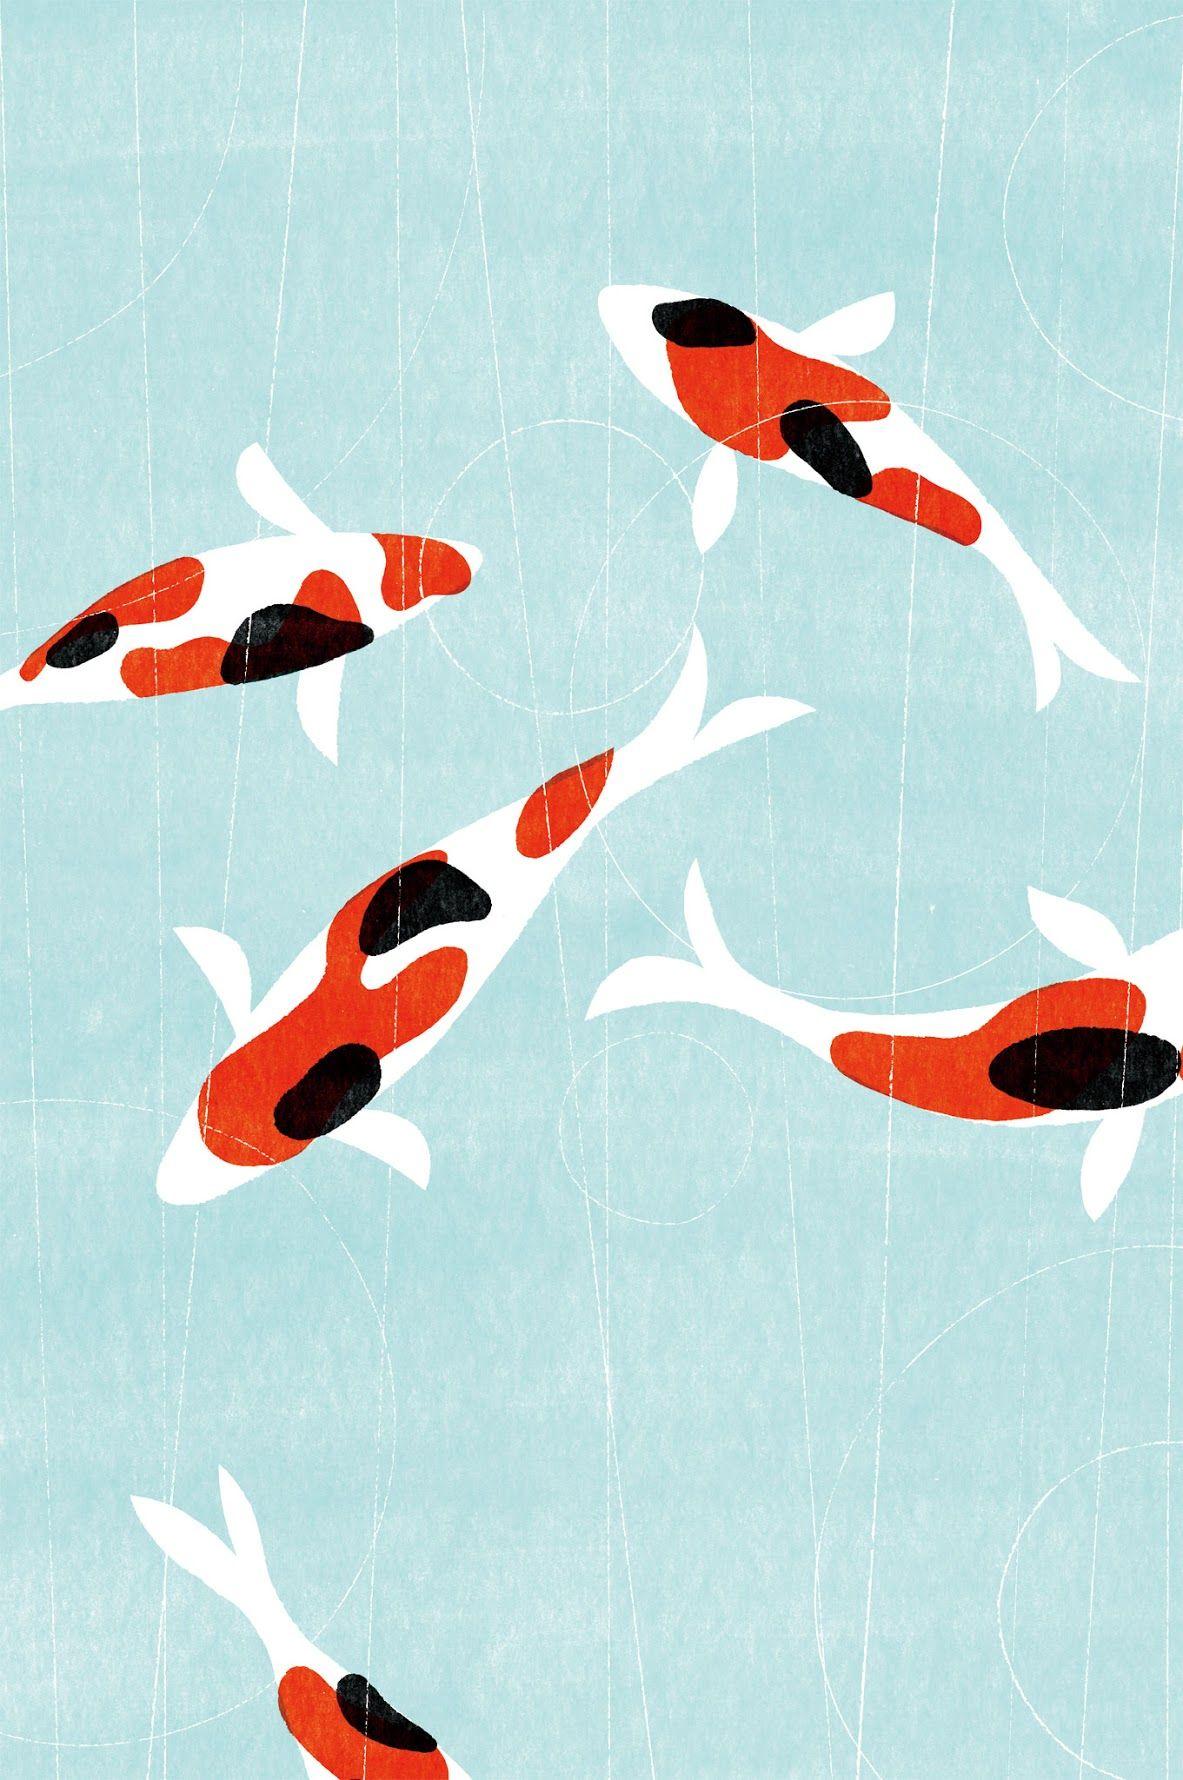 Kazuaki Yamauchi 魚アート アートのアイデア インスピレーションあふれるアート